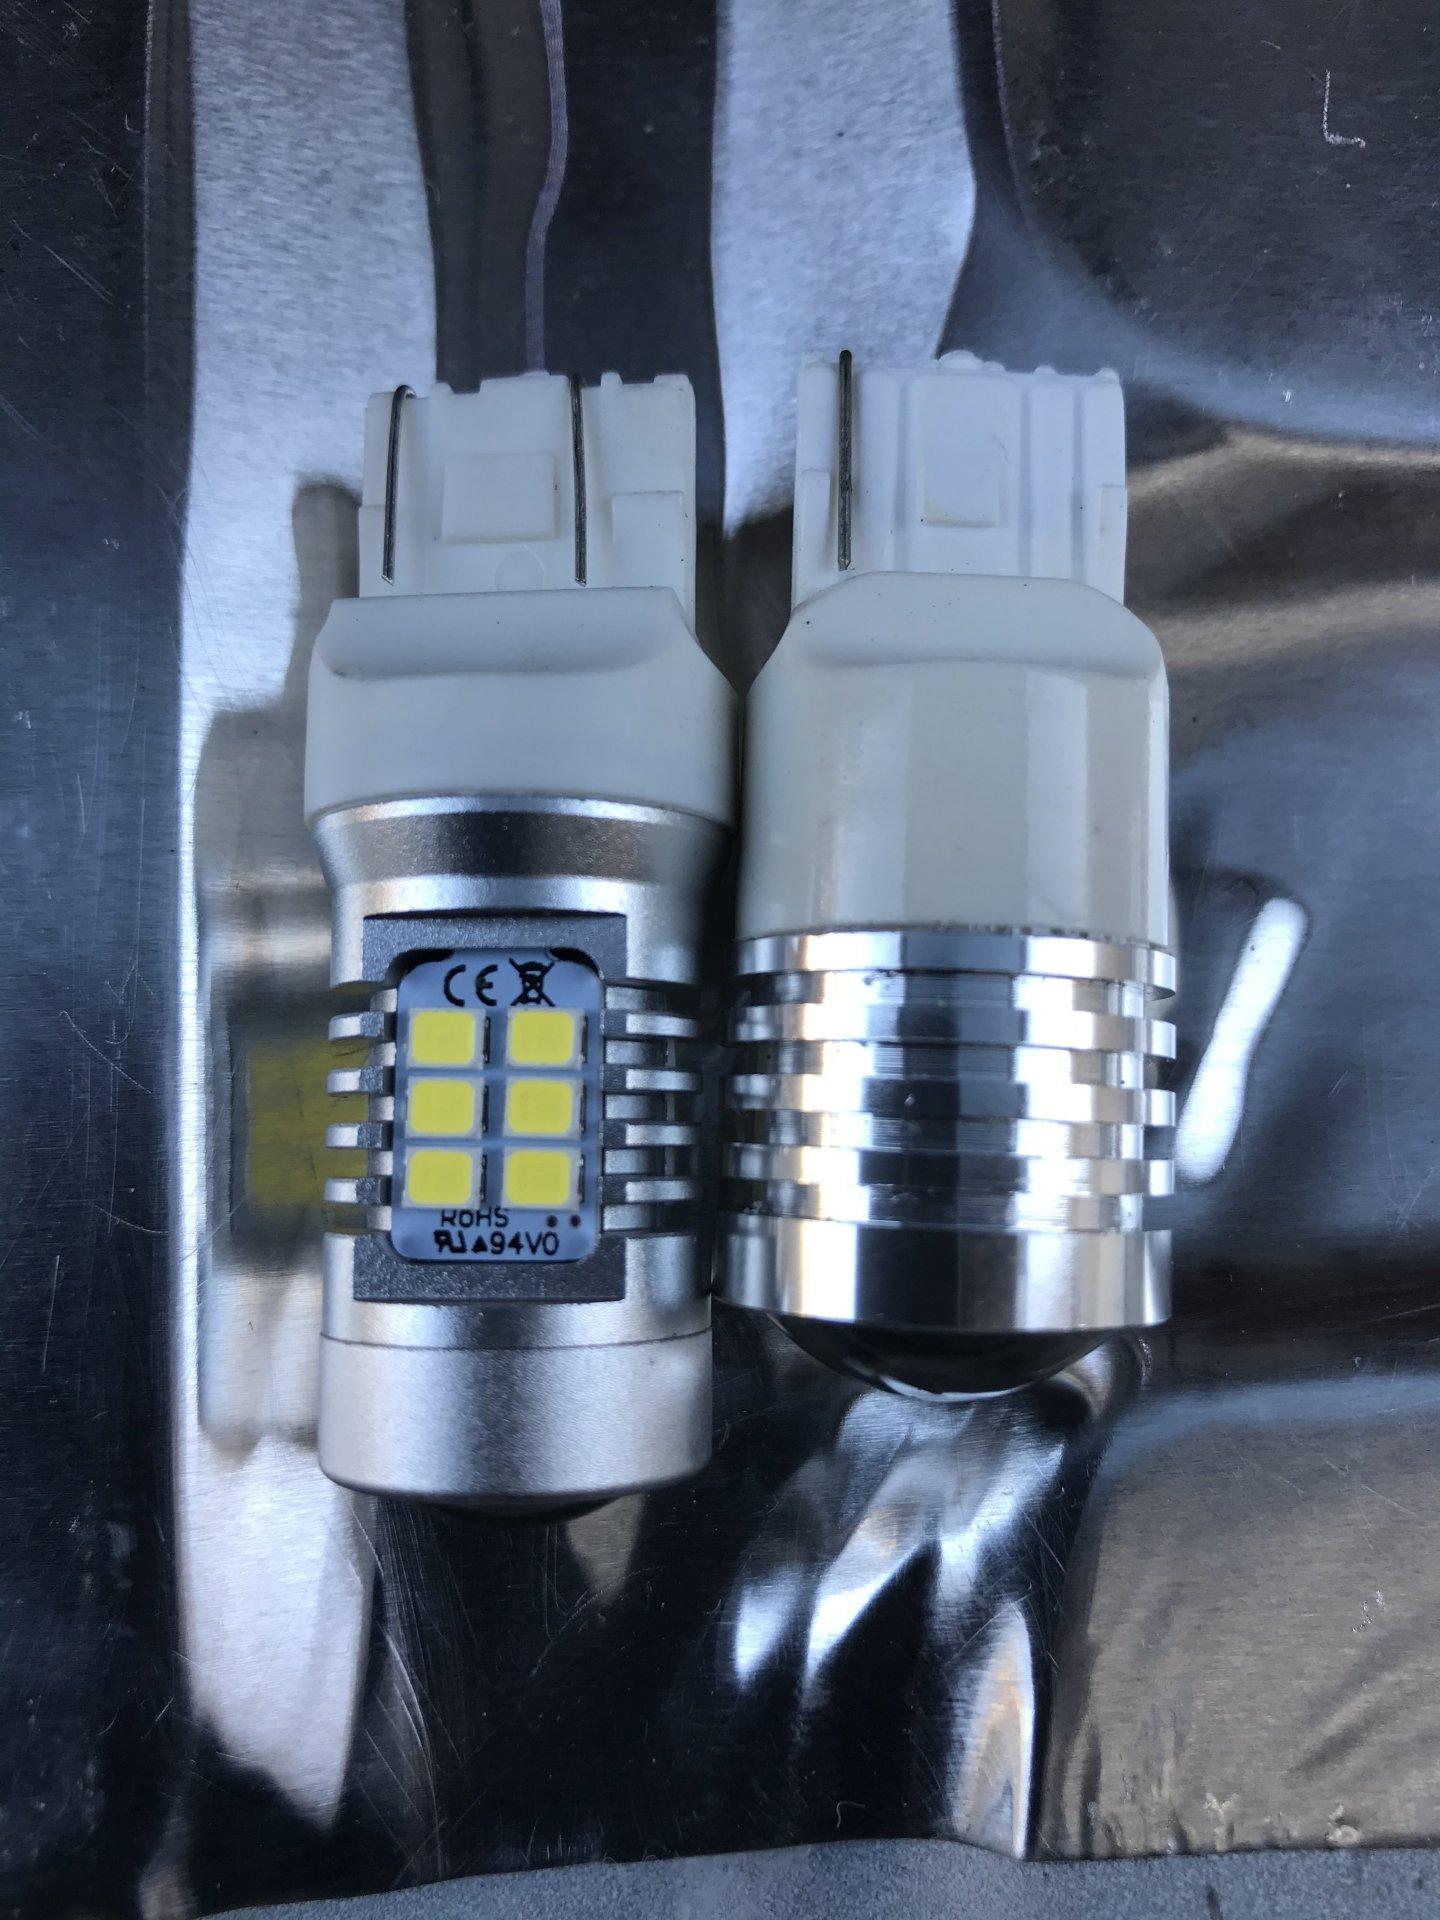 74AC333A-B949-4B7F-B95B-AAEC8828E801.jpeg